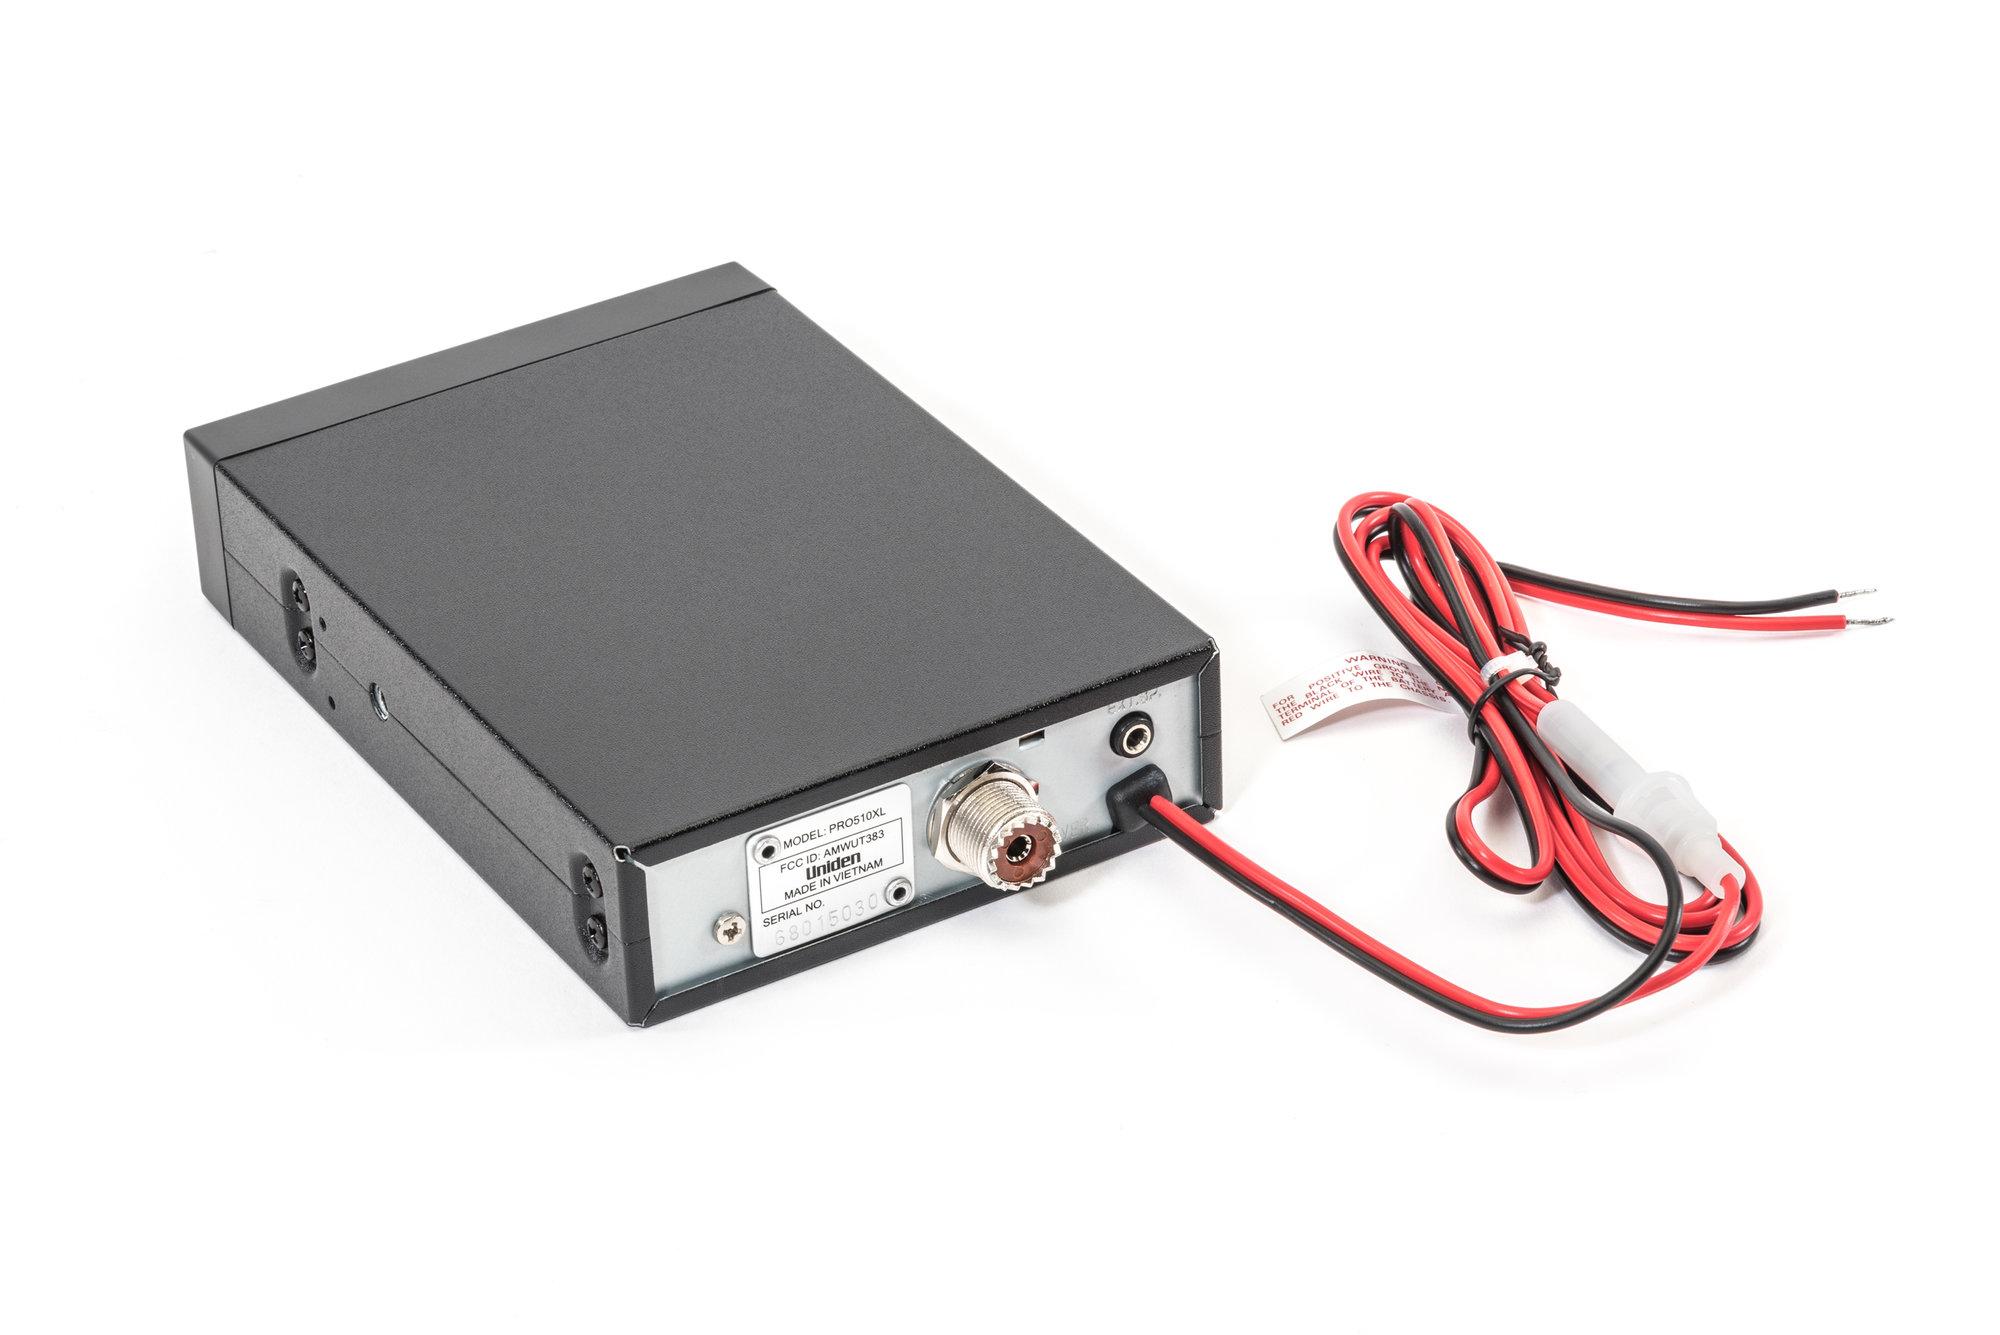 Garmin Transducer Wiring Harness Free Kubota L3800 Wiring Diagram